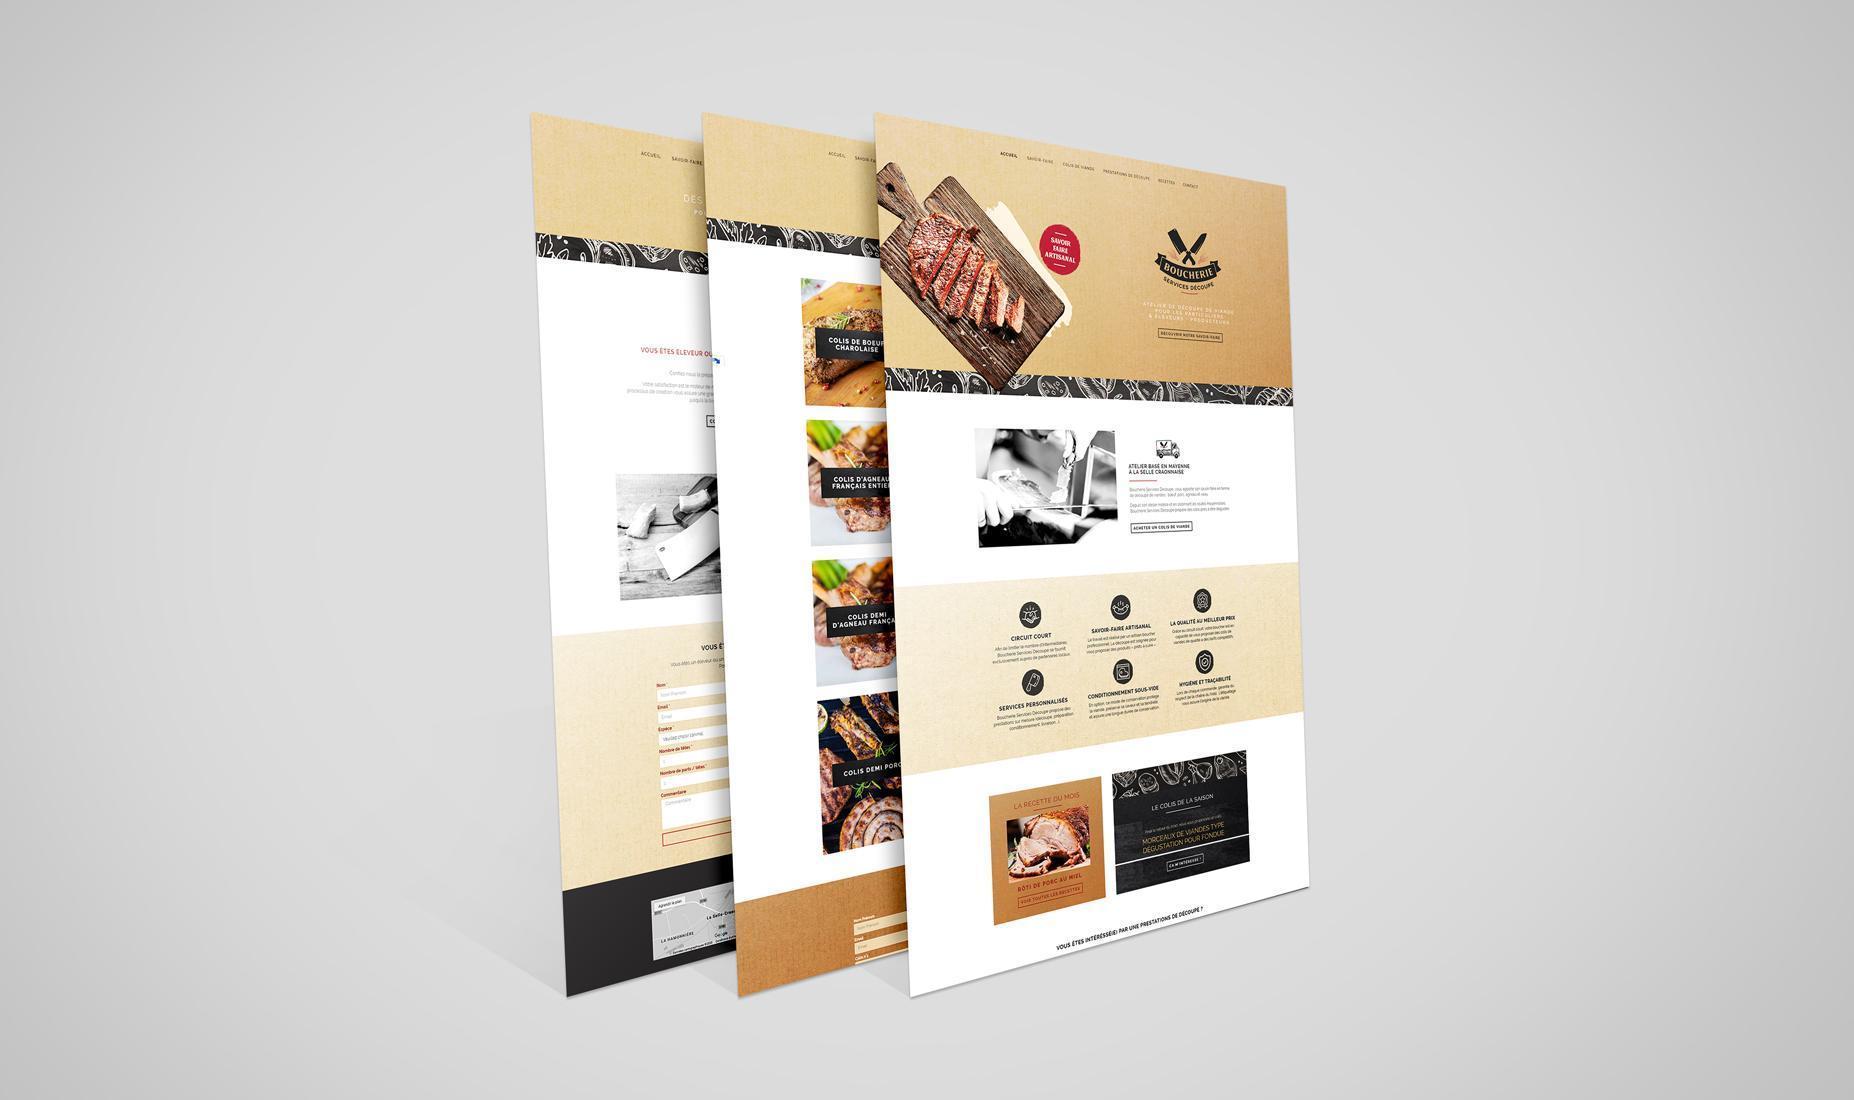 mockup-boucherie-services-decoupe.fr